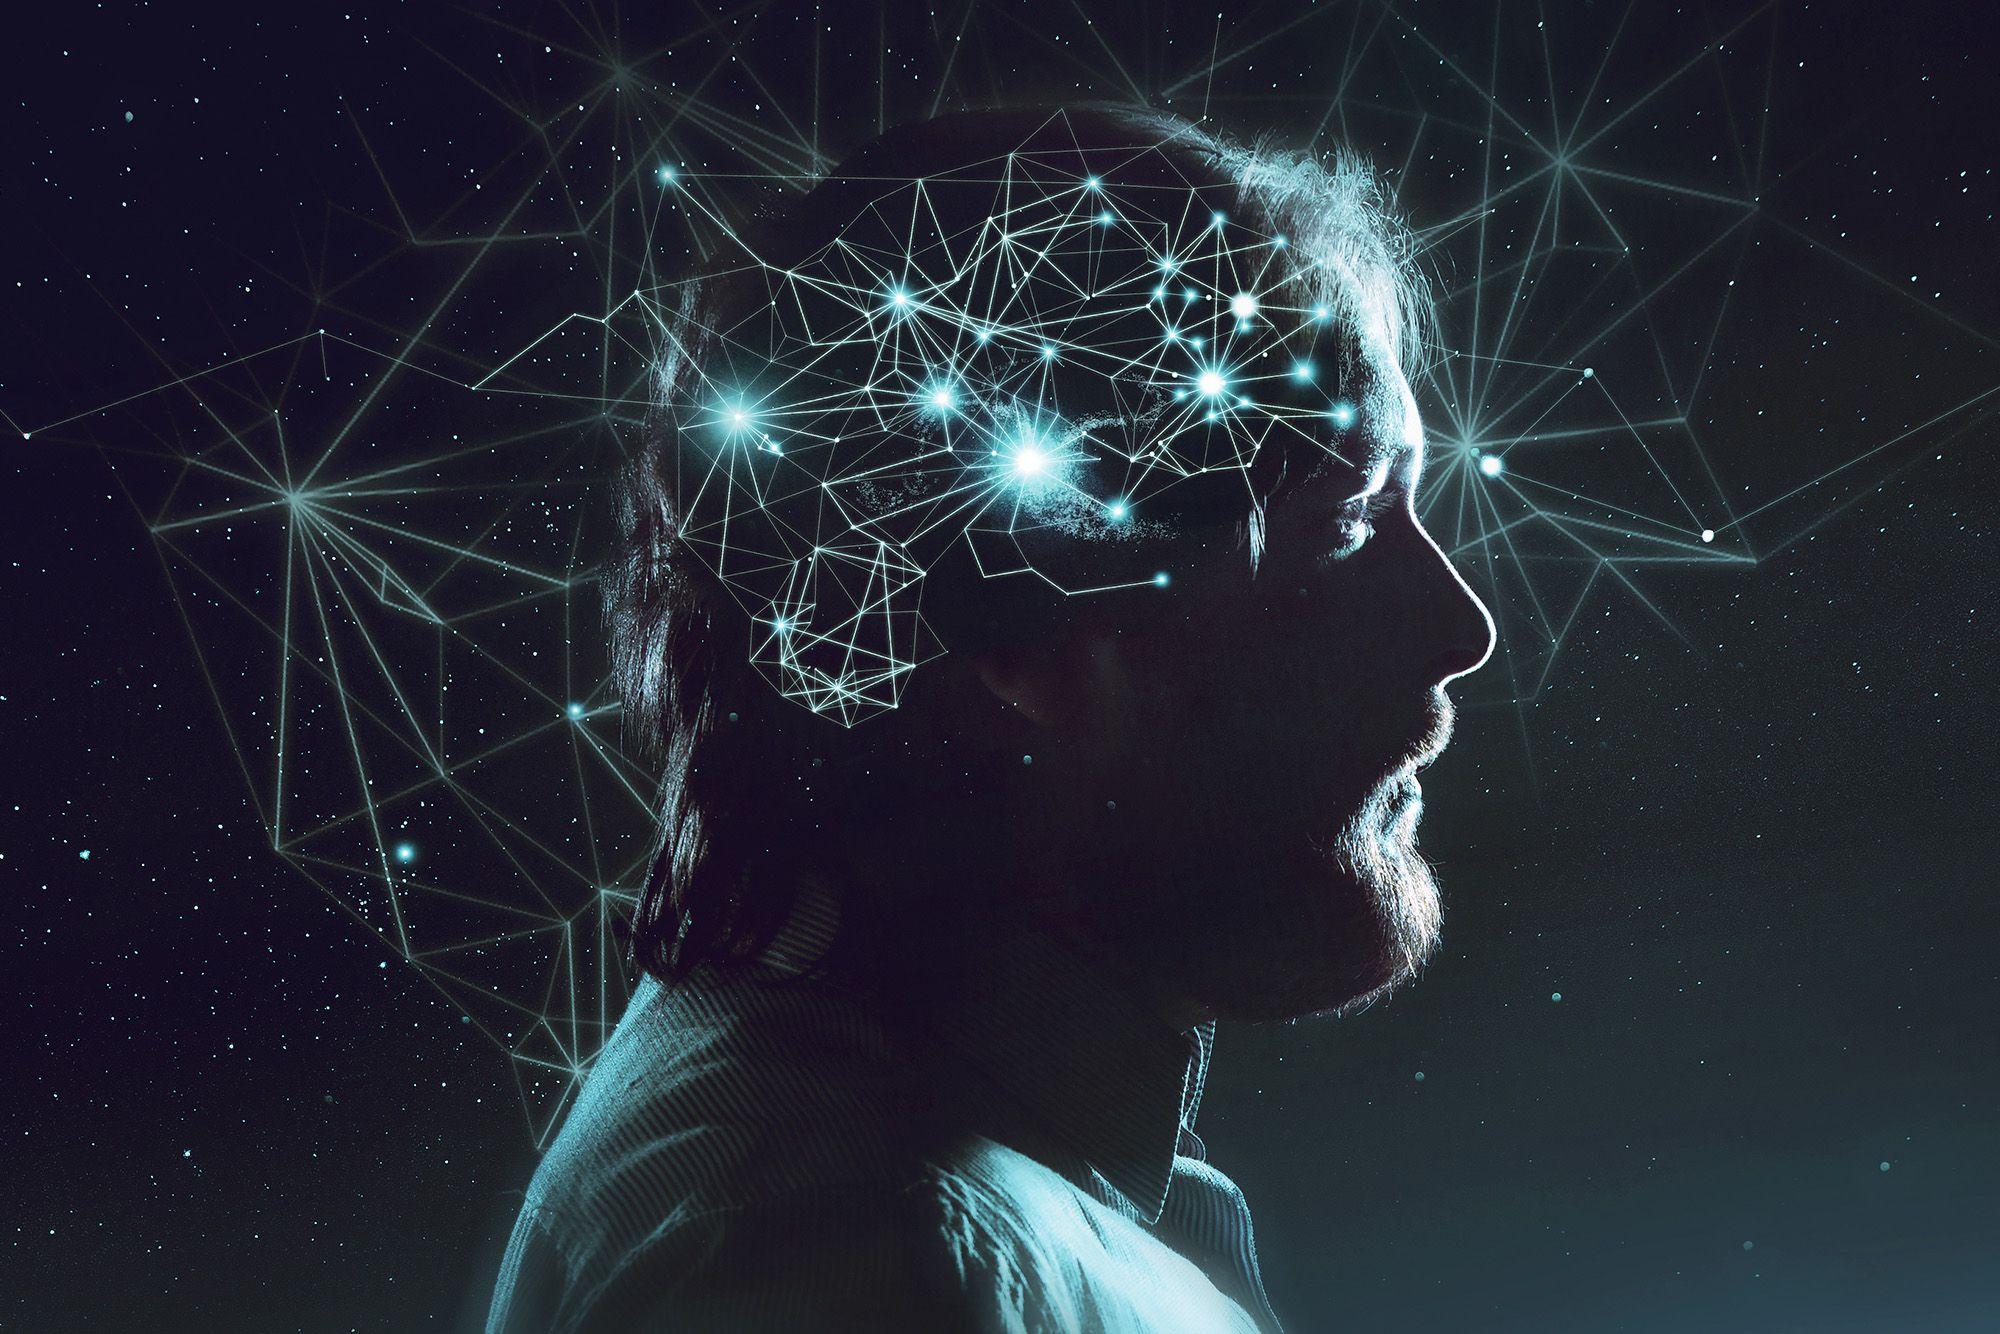 Музика Моцарта виявилася корисною для мозку – Український телекомунікаційний портал